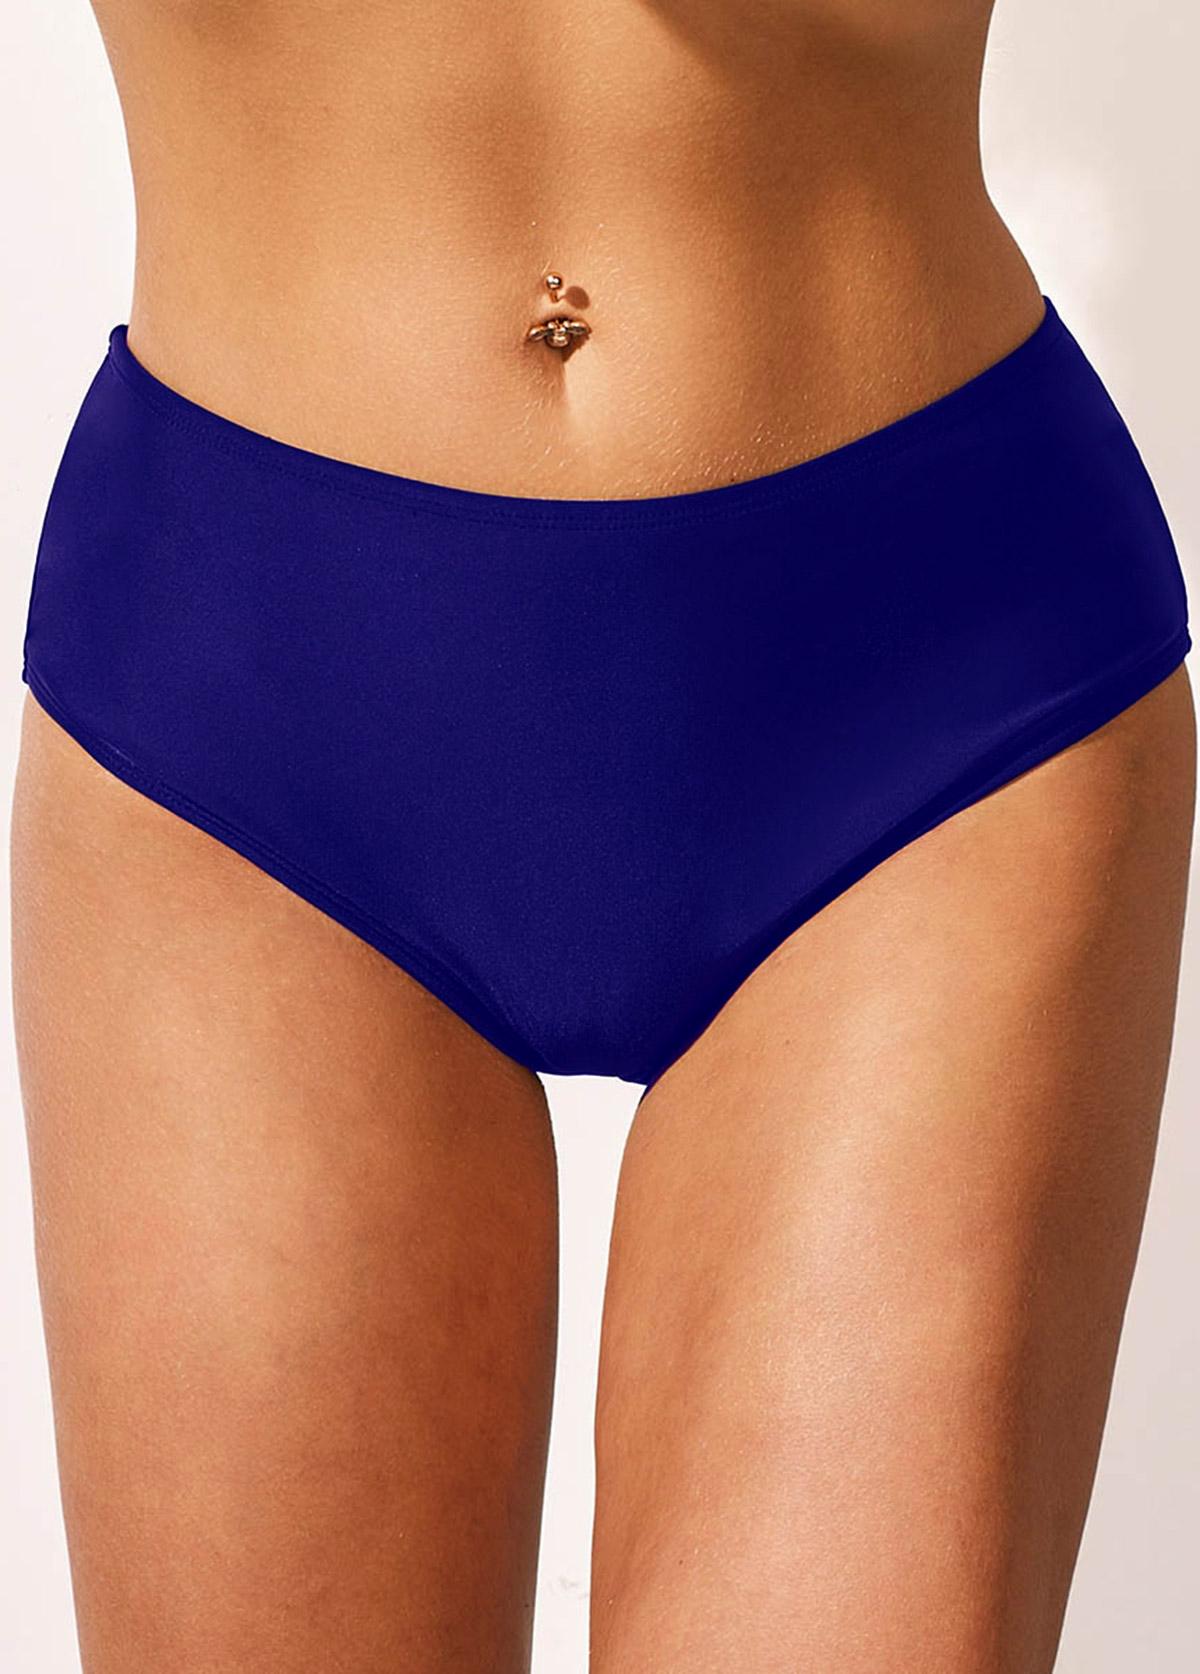 Lace Panel Royal Blue Spaghetti Strap Swimdress and Panty